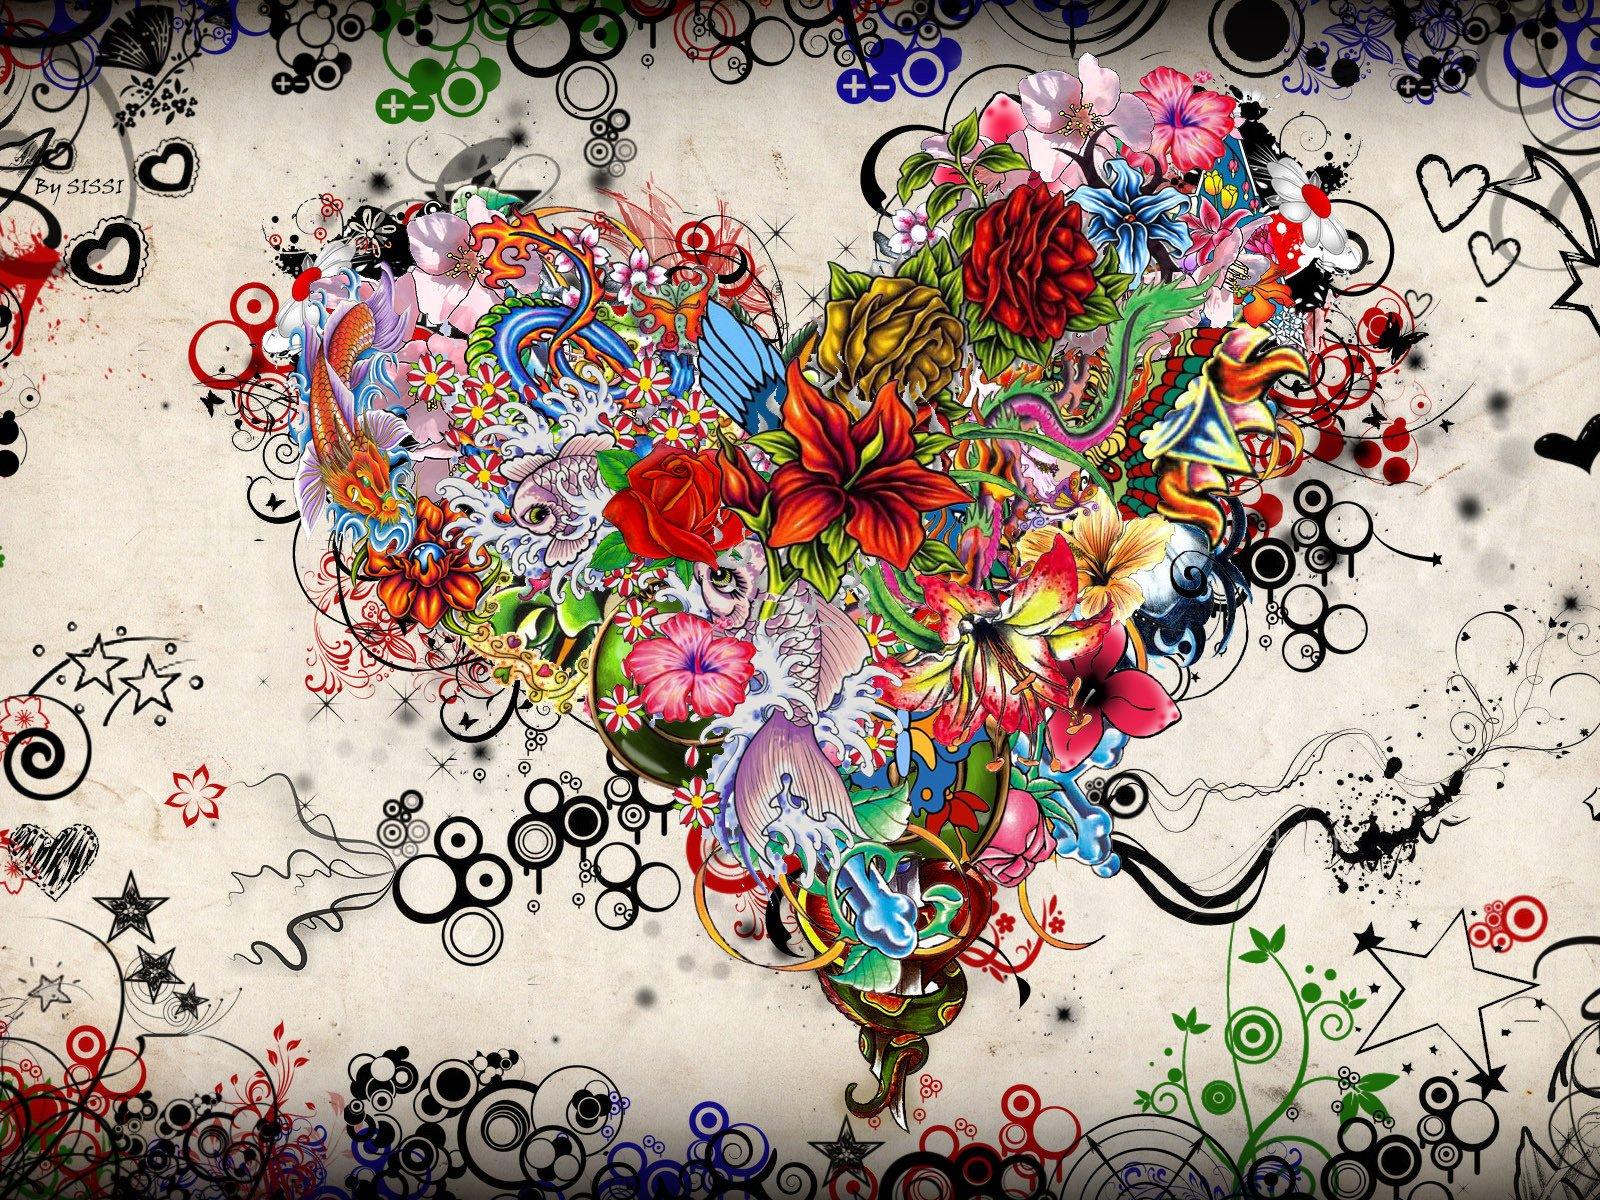 Крутые рисунки с цветами, новорожденным прикольные